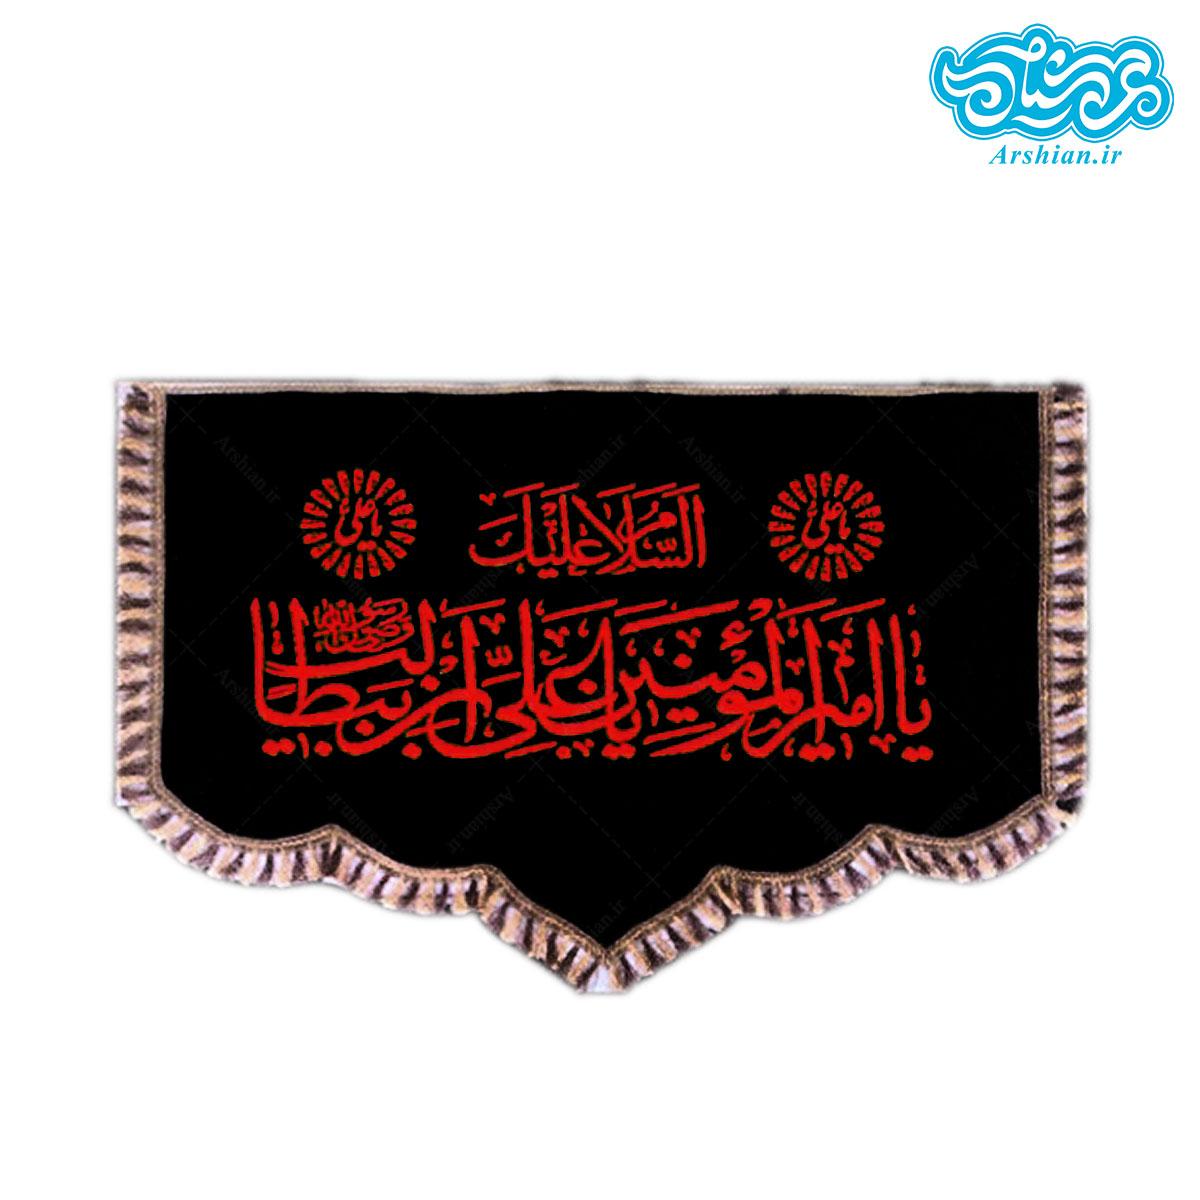 پرچم پشت منبری یاامیرالمومنین یا علی بن ابیطالب کد006